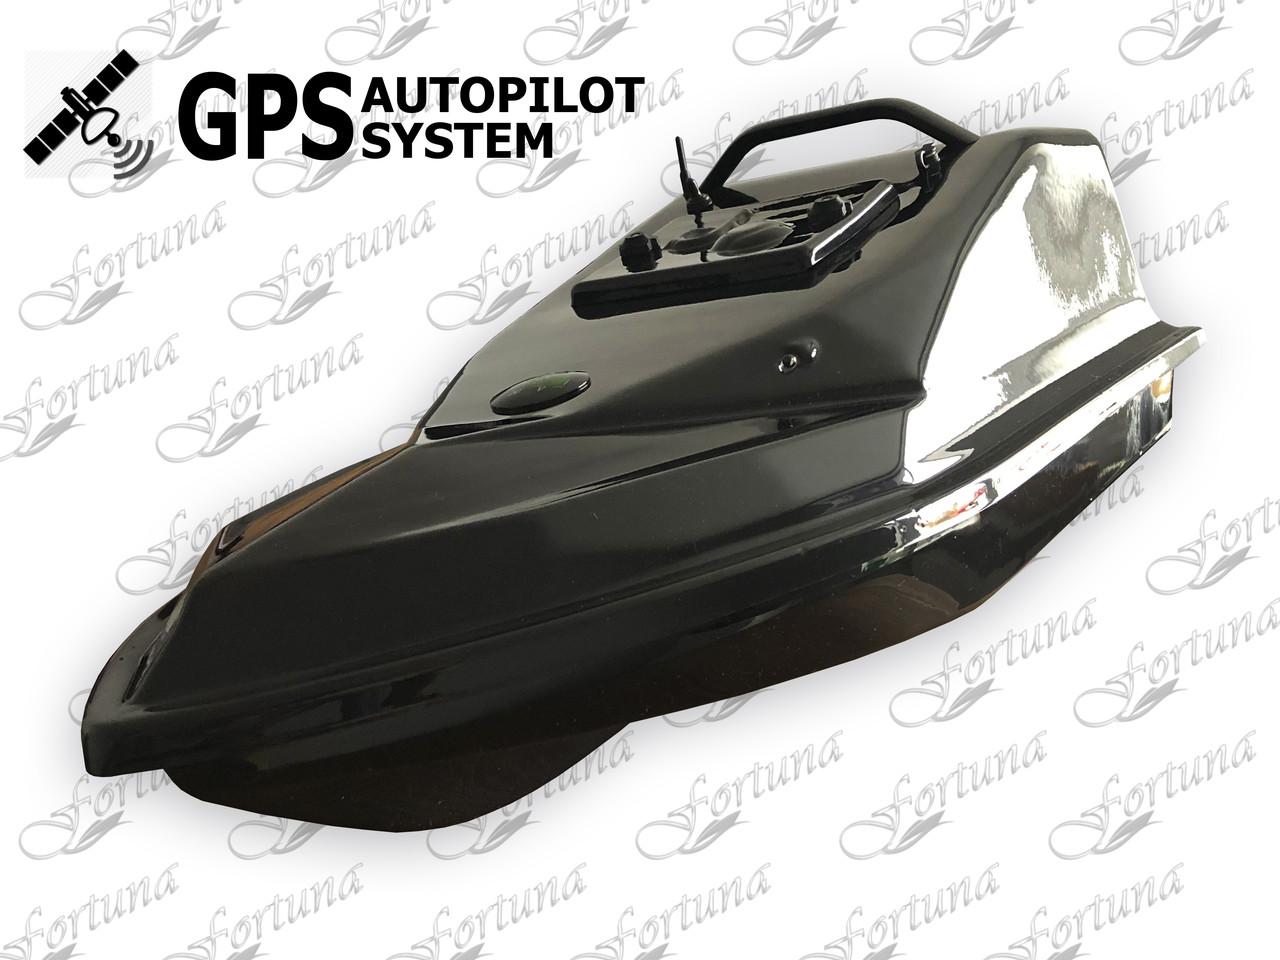 Кораблик для підгодовування Фантом з GPS автопілотом